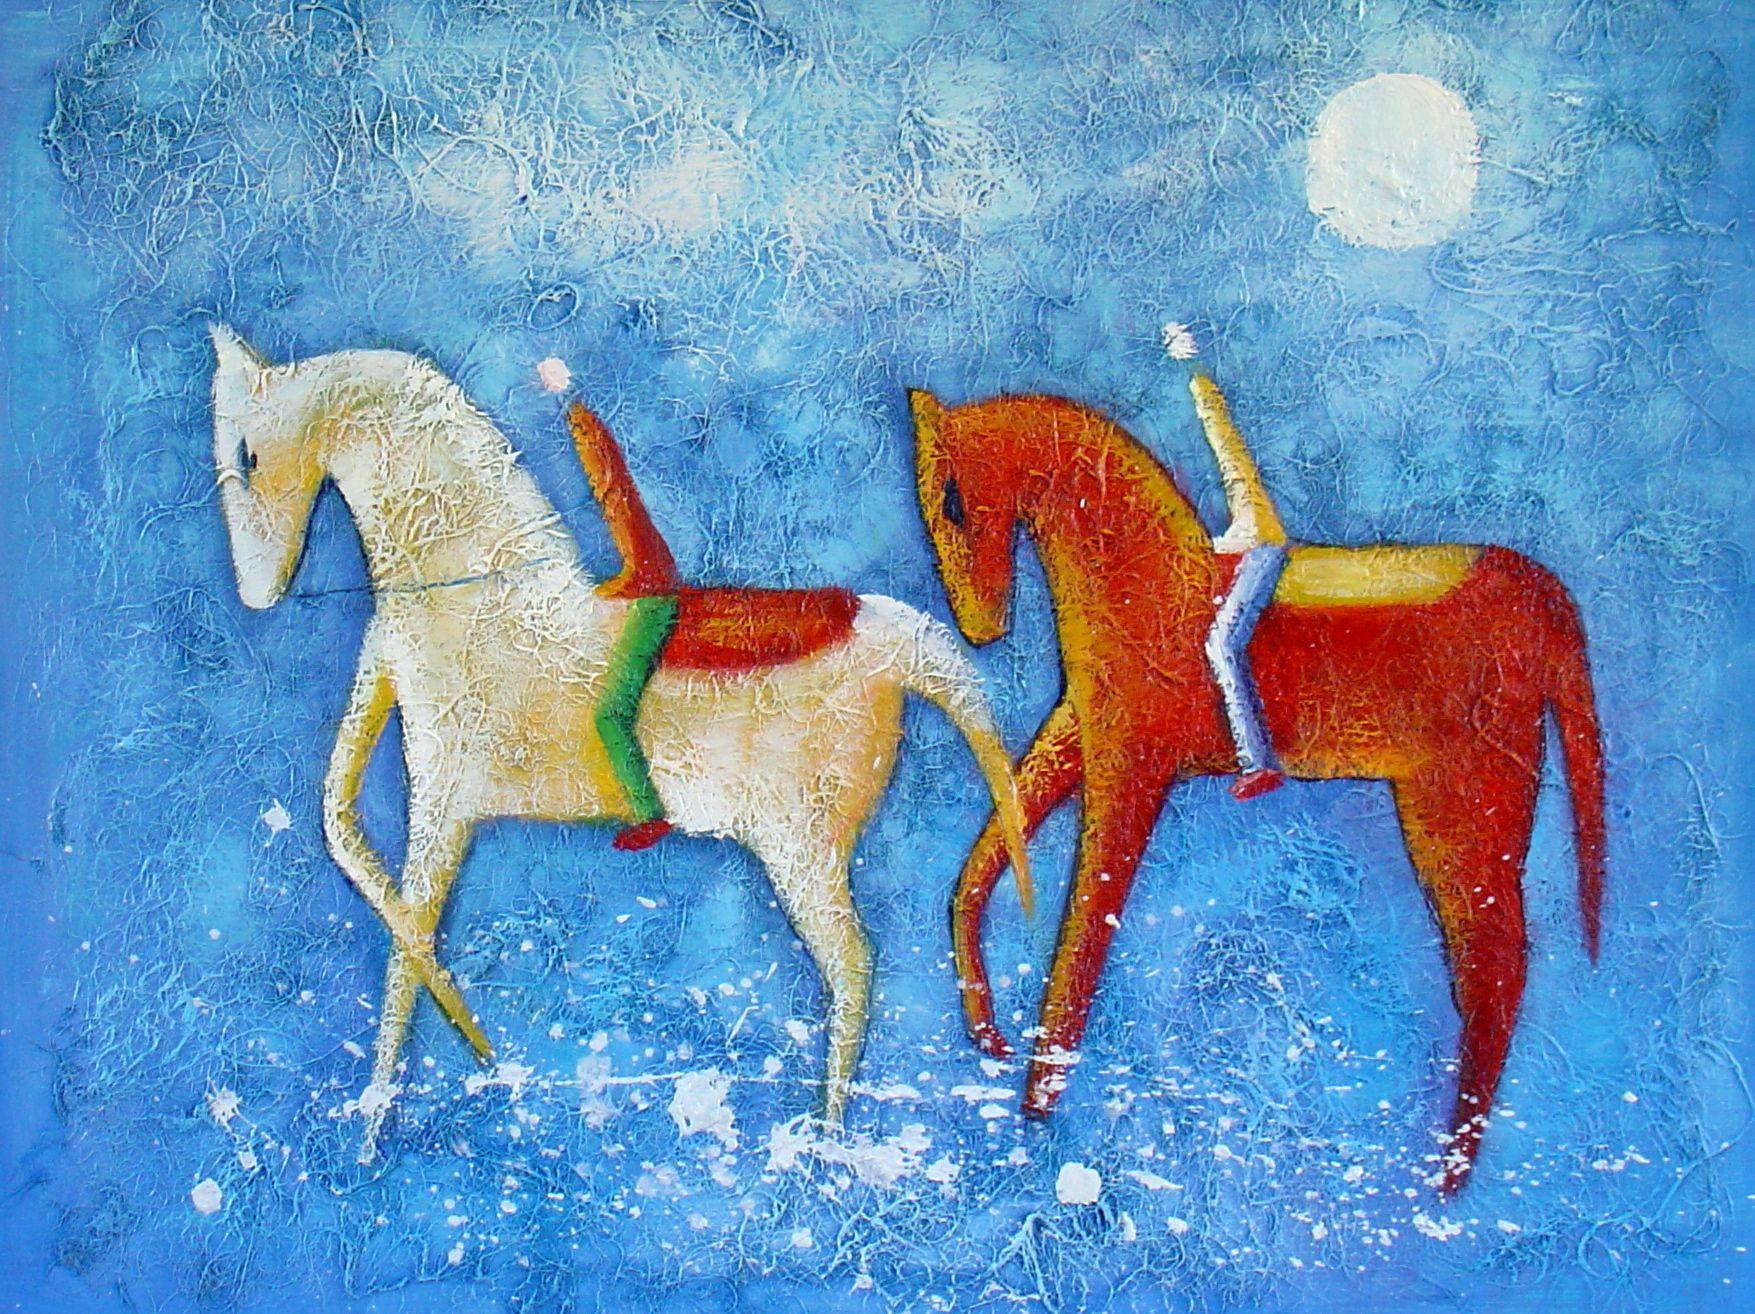 Animaux chevaux po tiques tableau de et peinture de for Peinture de qualite